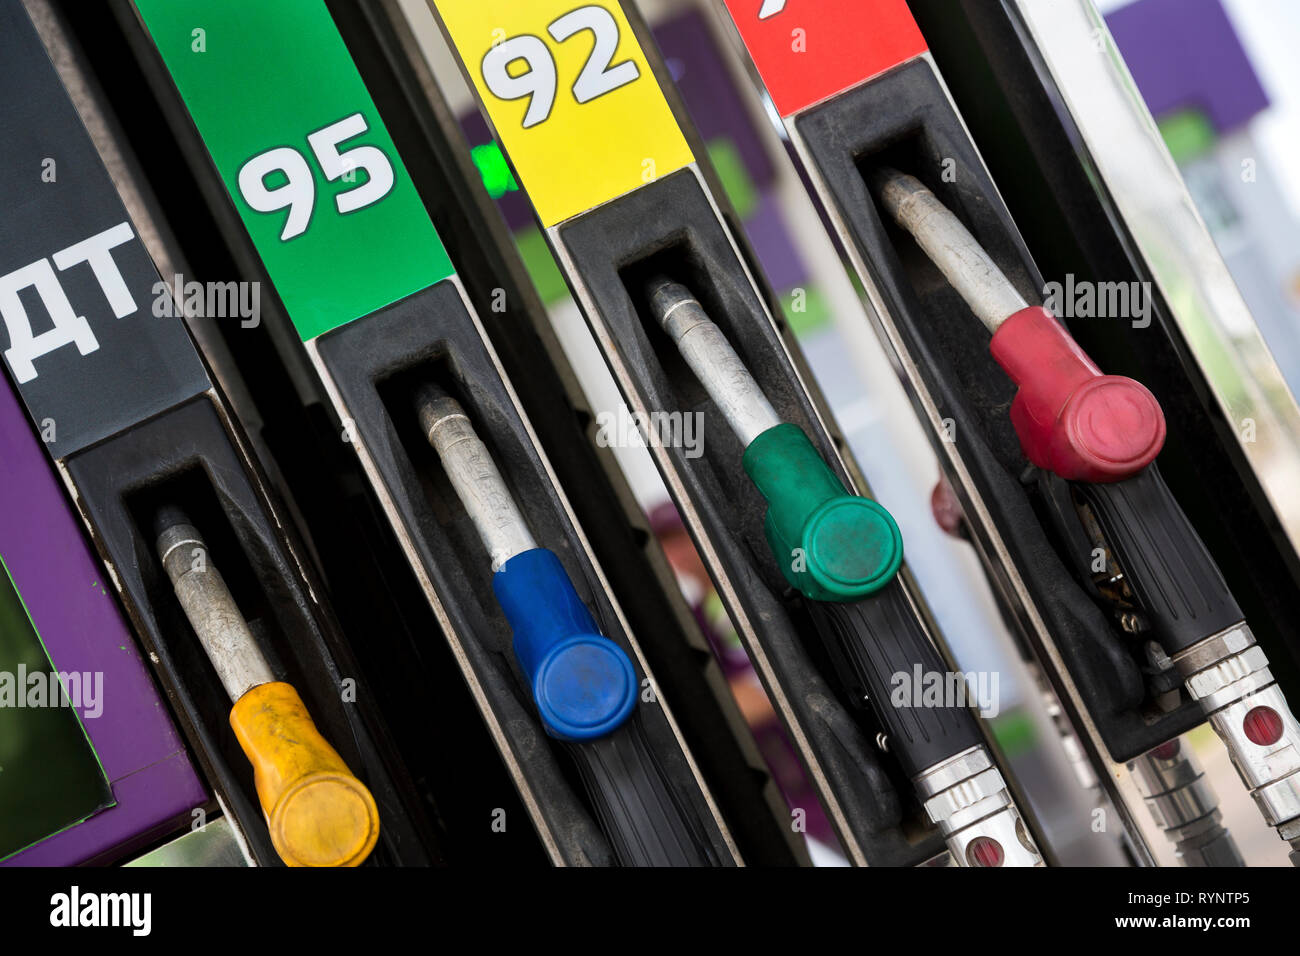 Füllen Pistolen mit Benzin verschiedener Octane zahlen und Dieselkraftstoff für Pkw an einer Tankstelle in Moskau, Russland Stockbild